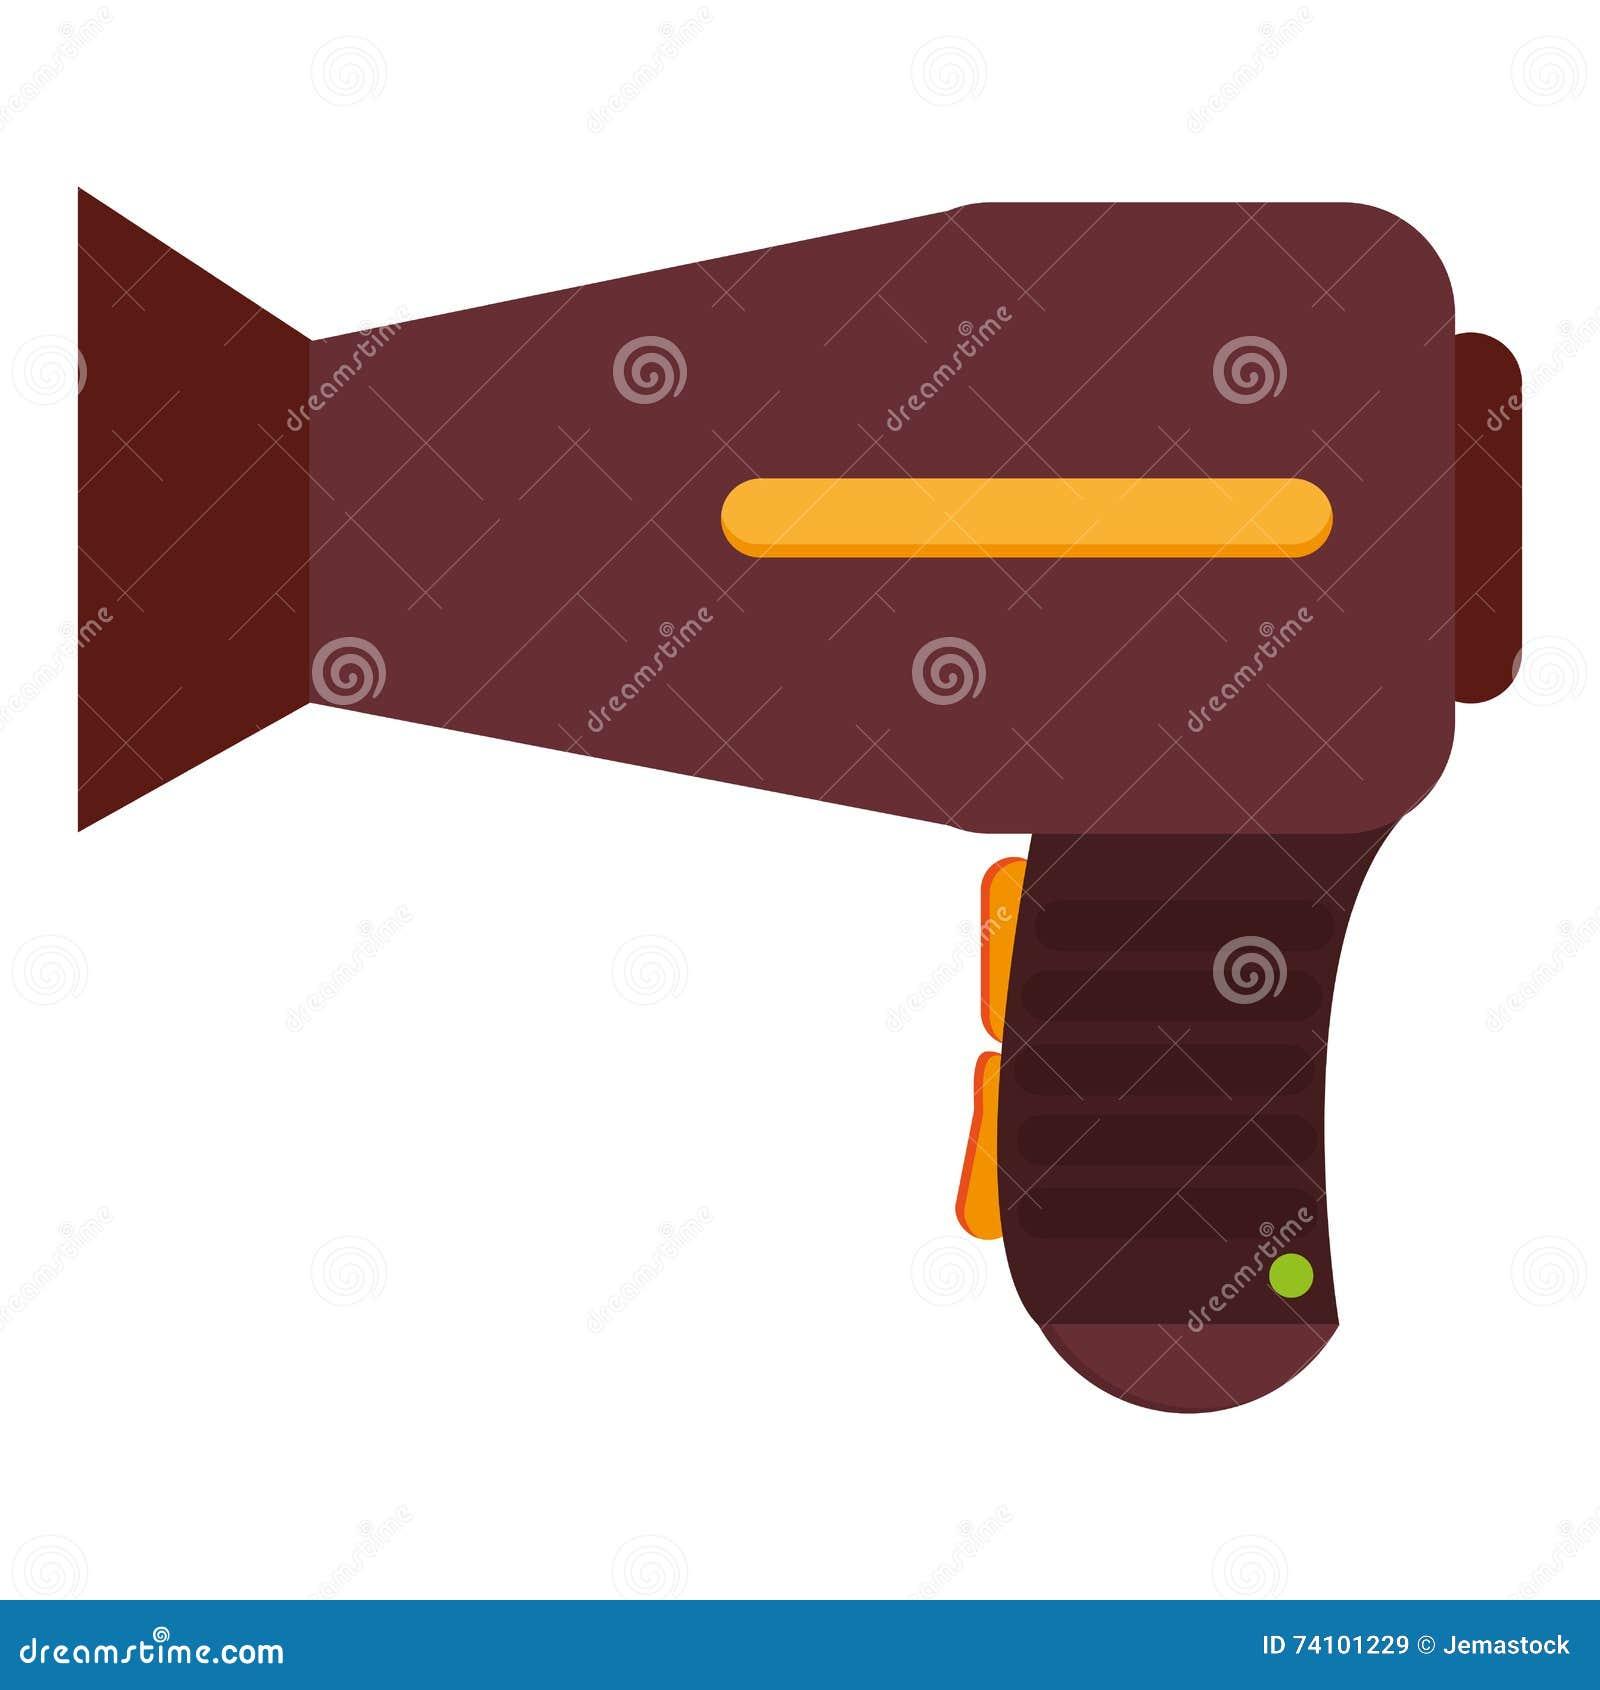 Blowdryer Vector Illustration   CartoonDealer.com #49002506